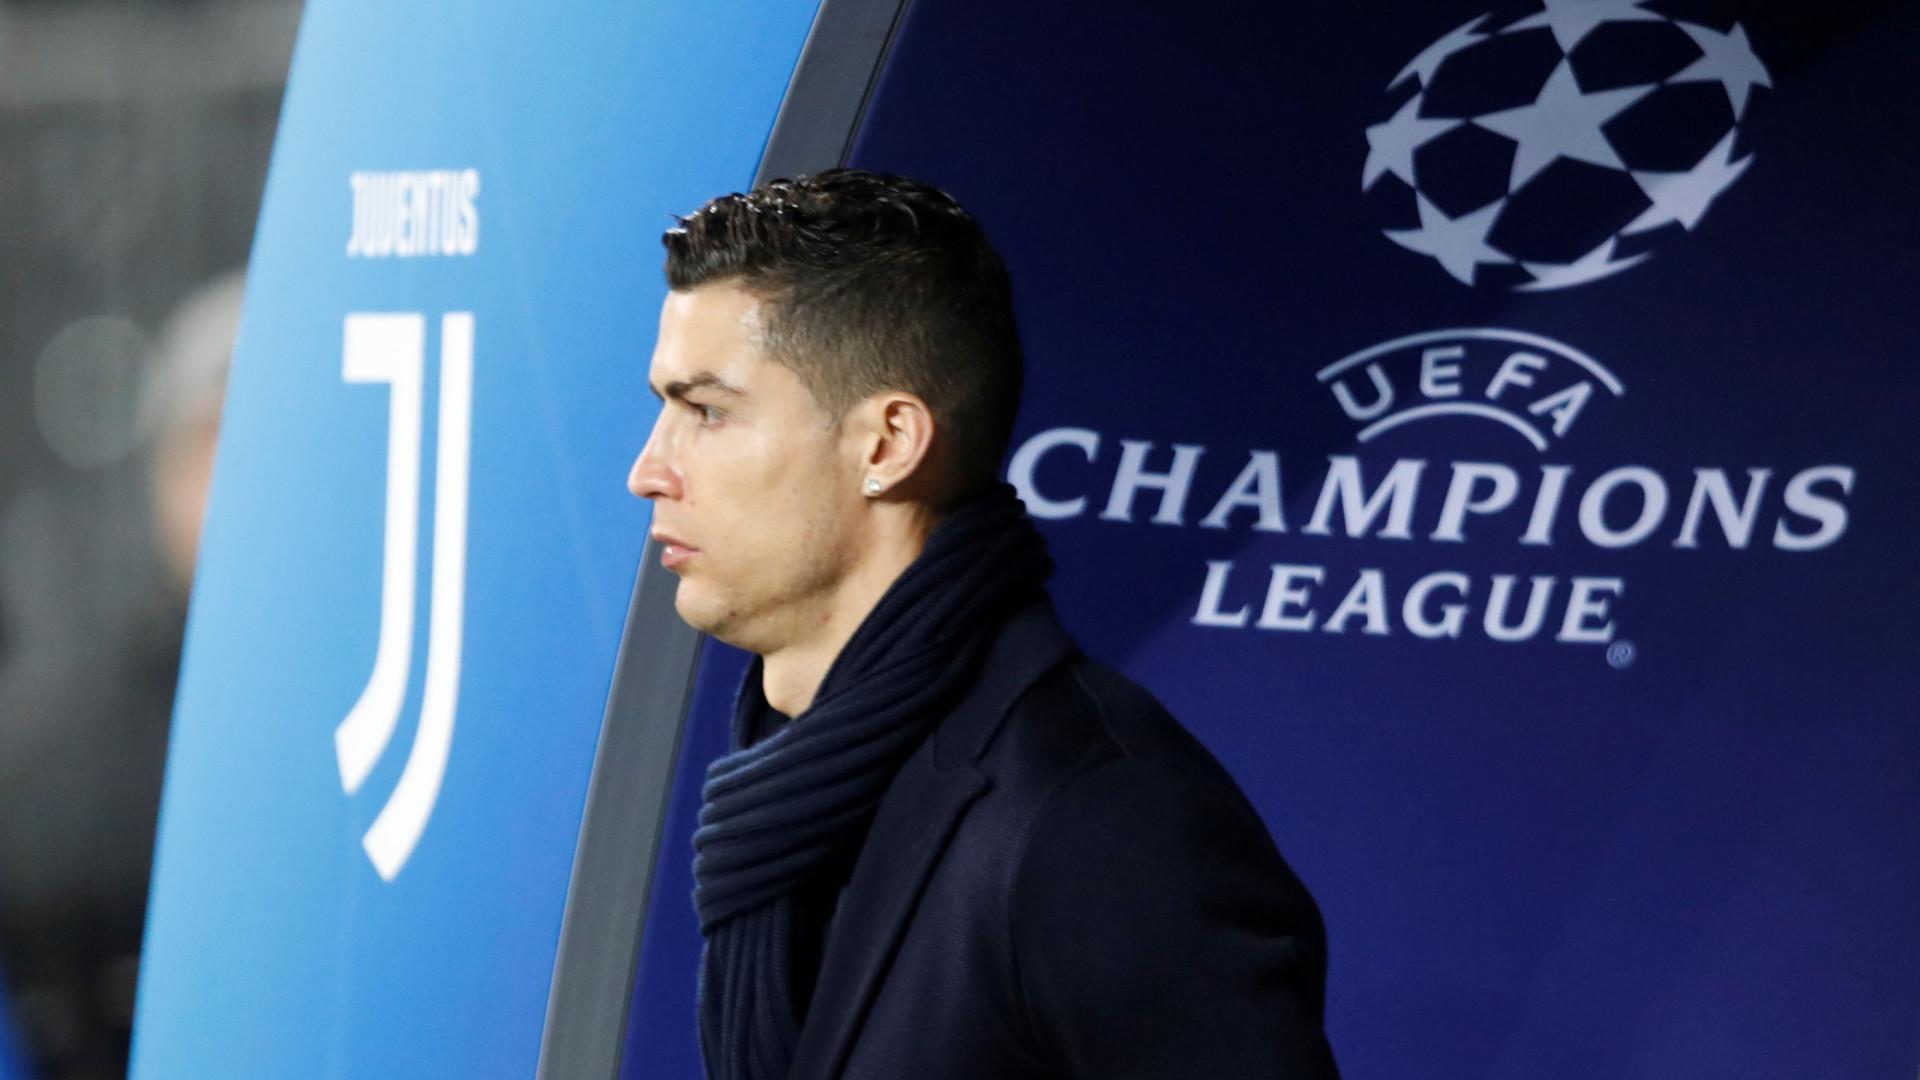 Ronaldo também tem dias maus. E na Liga dos Campeões ficou provado